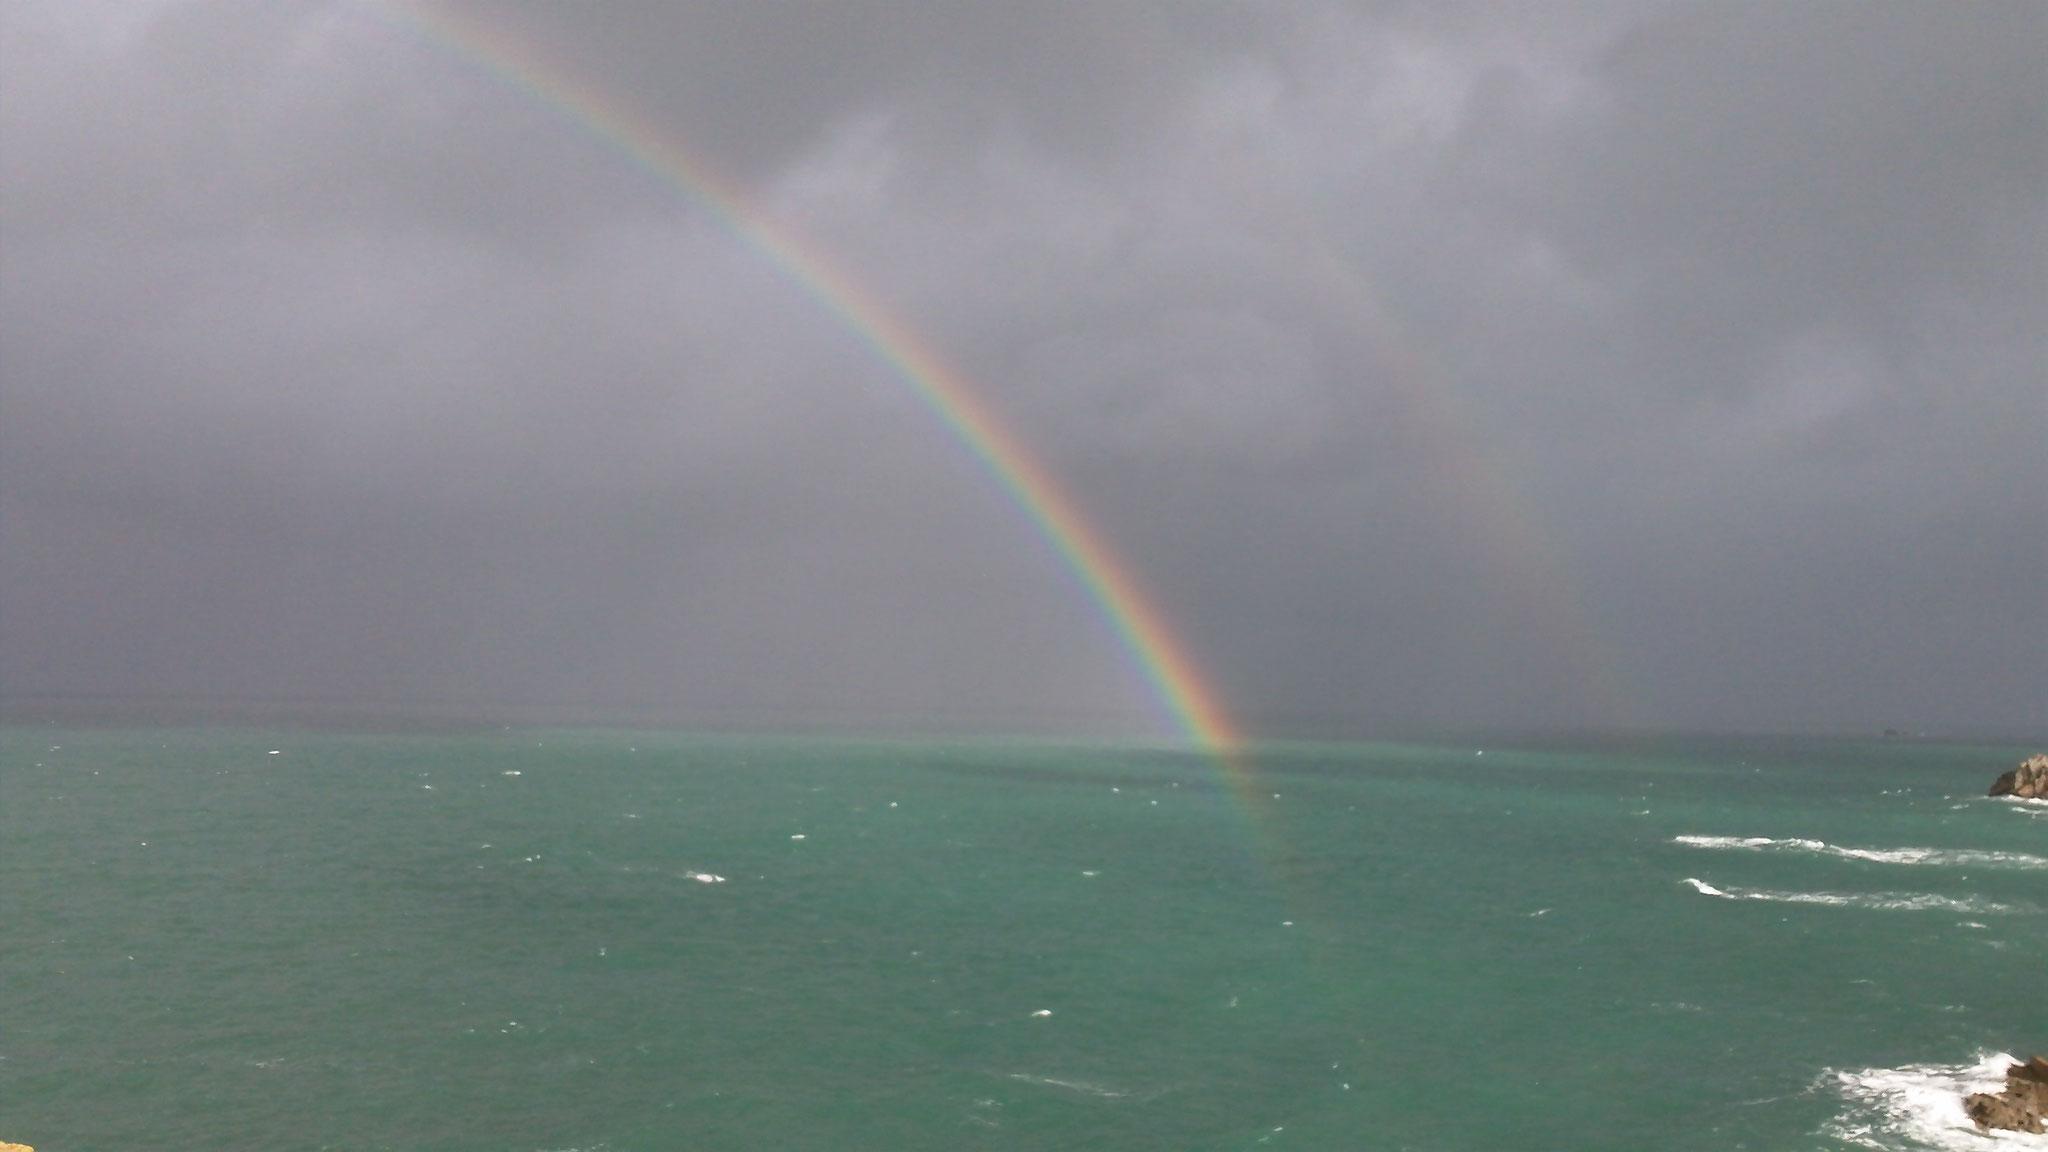 Novemberstimmung an der Küste von Plougrescant/ La côte de Plougrescant sous le soleil de novembre